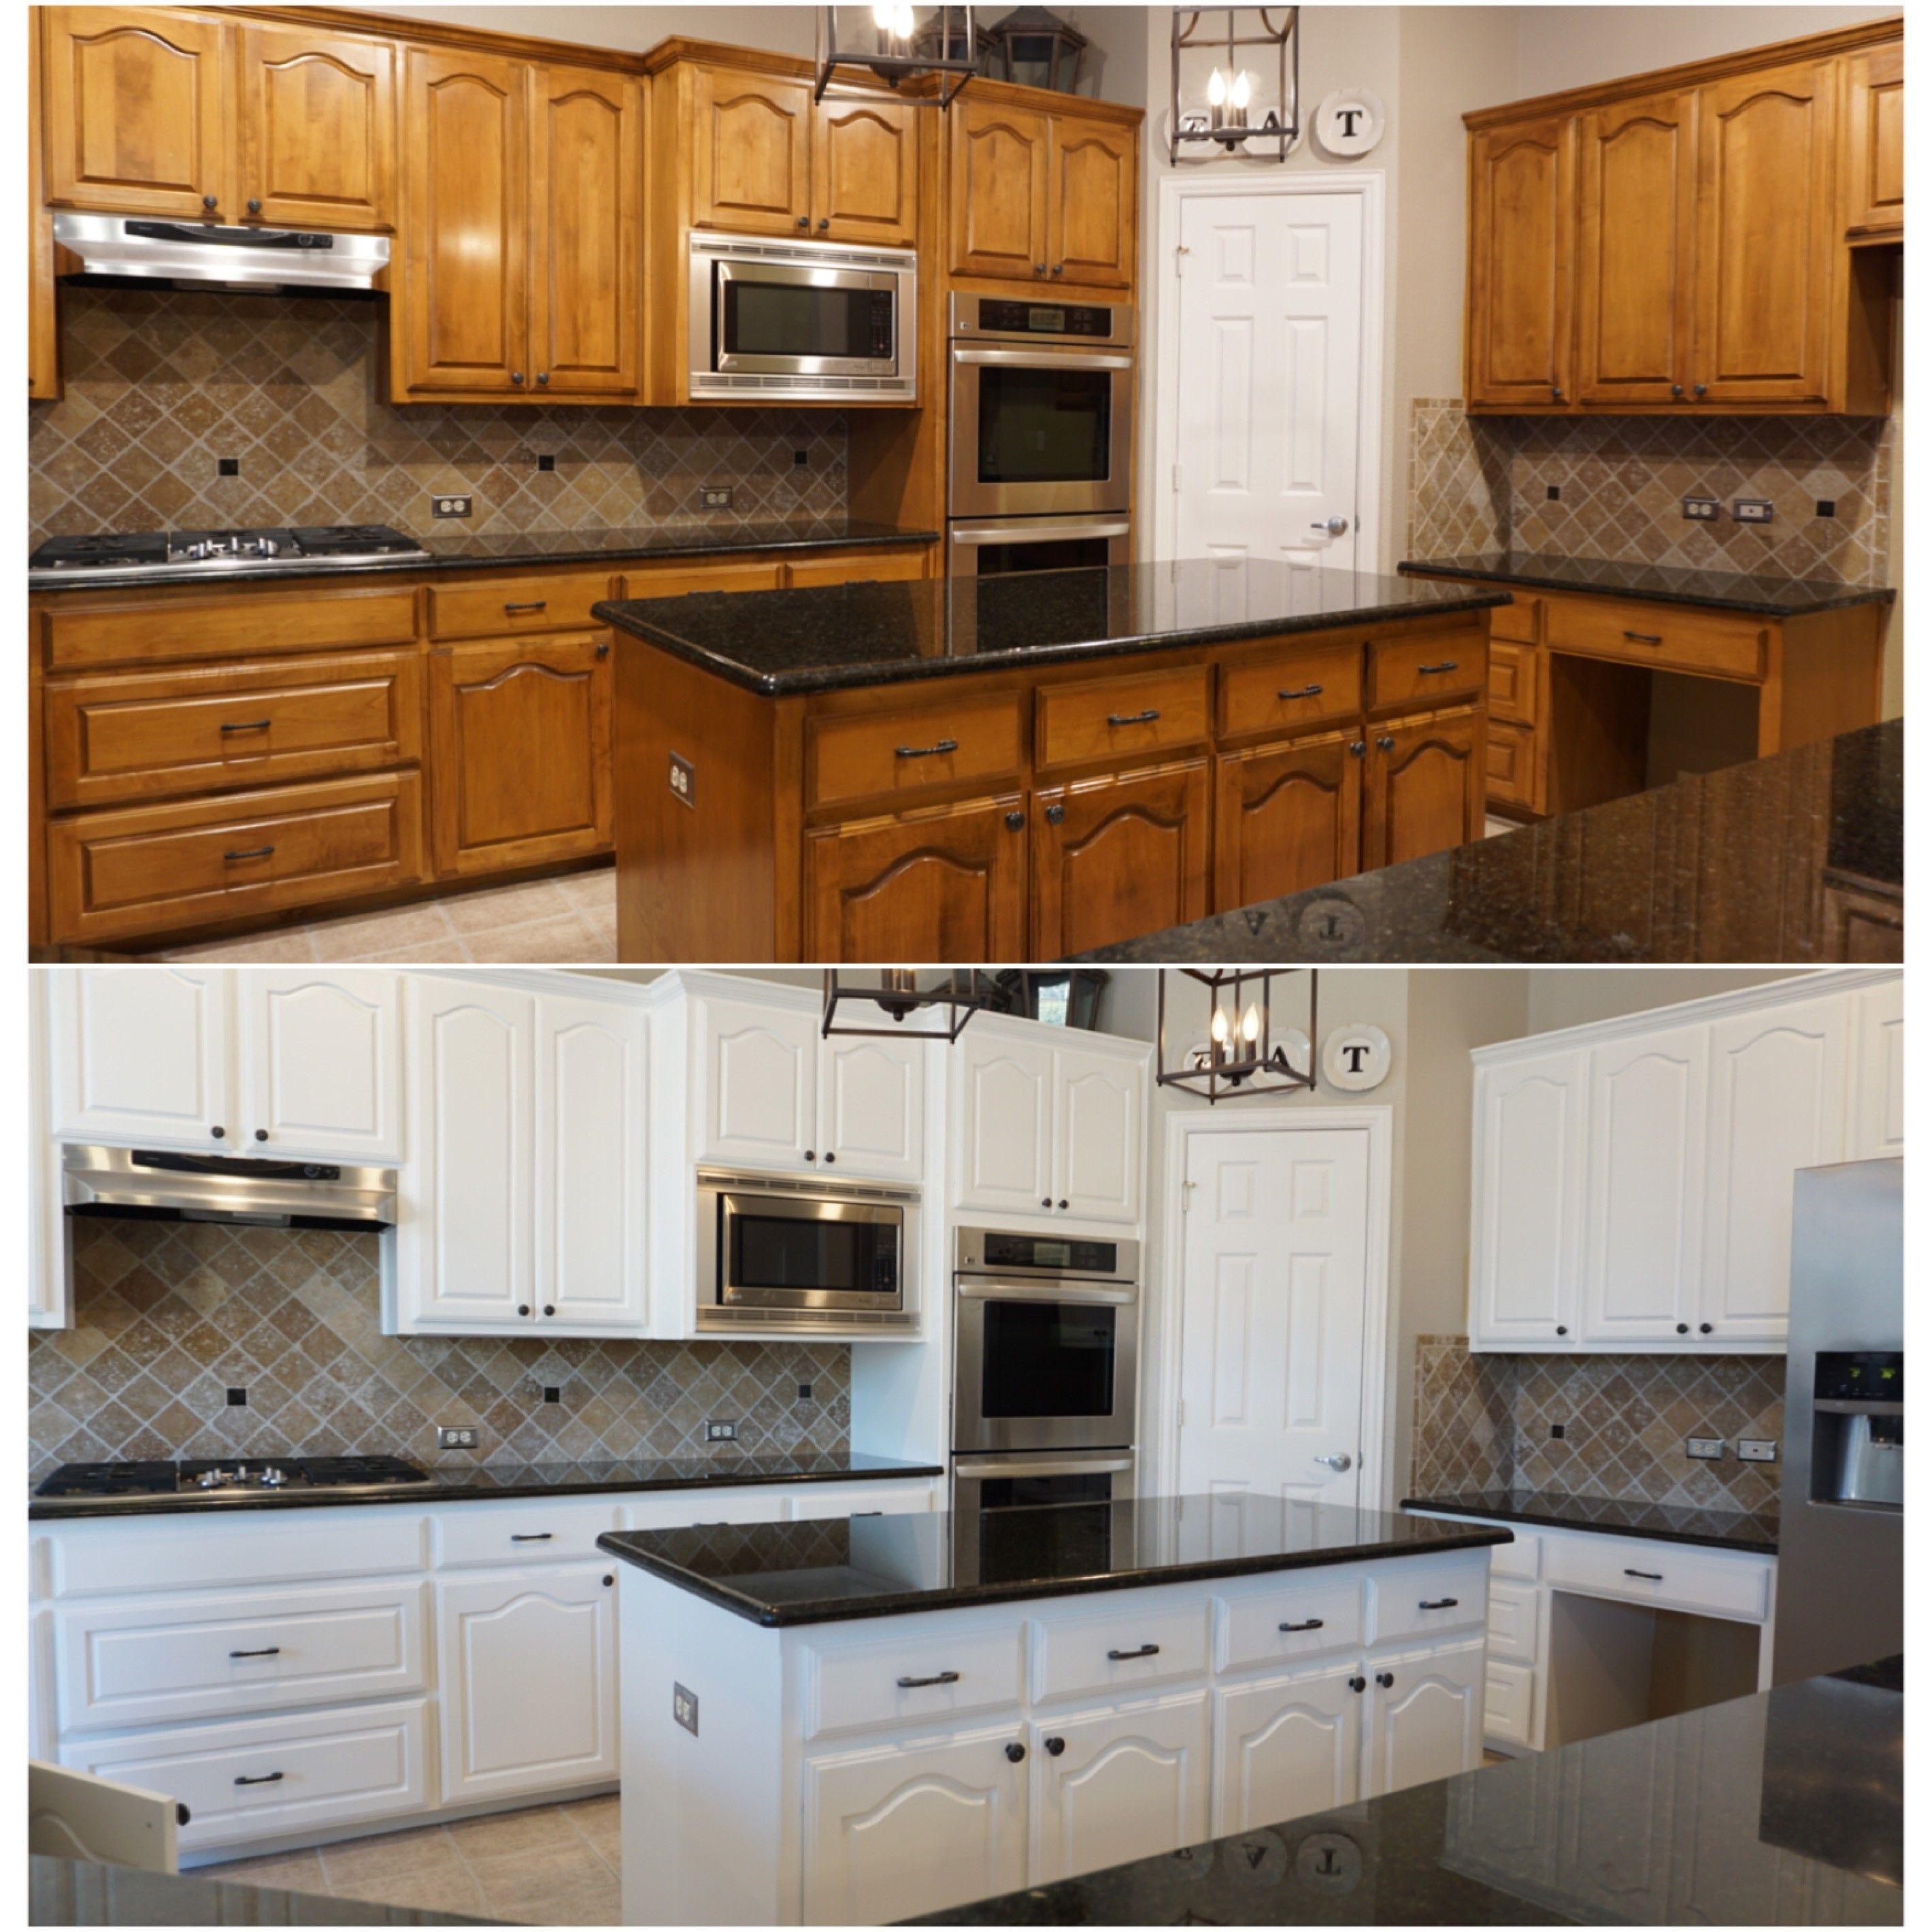 Einrichten Wohnideen Wohnung Schlafzimmer Dekoration Wohnzimmer Ha Repainting Kitchen Cabinets Painting Kitchen Cabinets White Painting Kitchen Cabinets